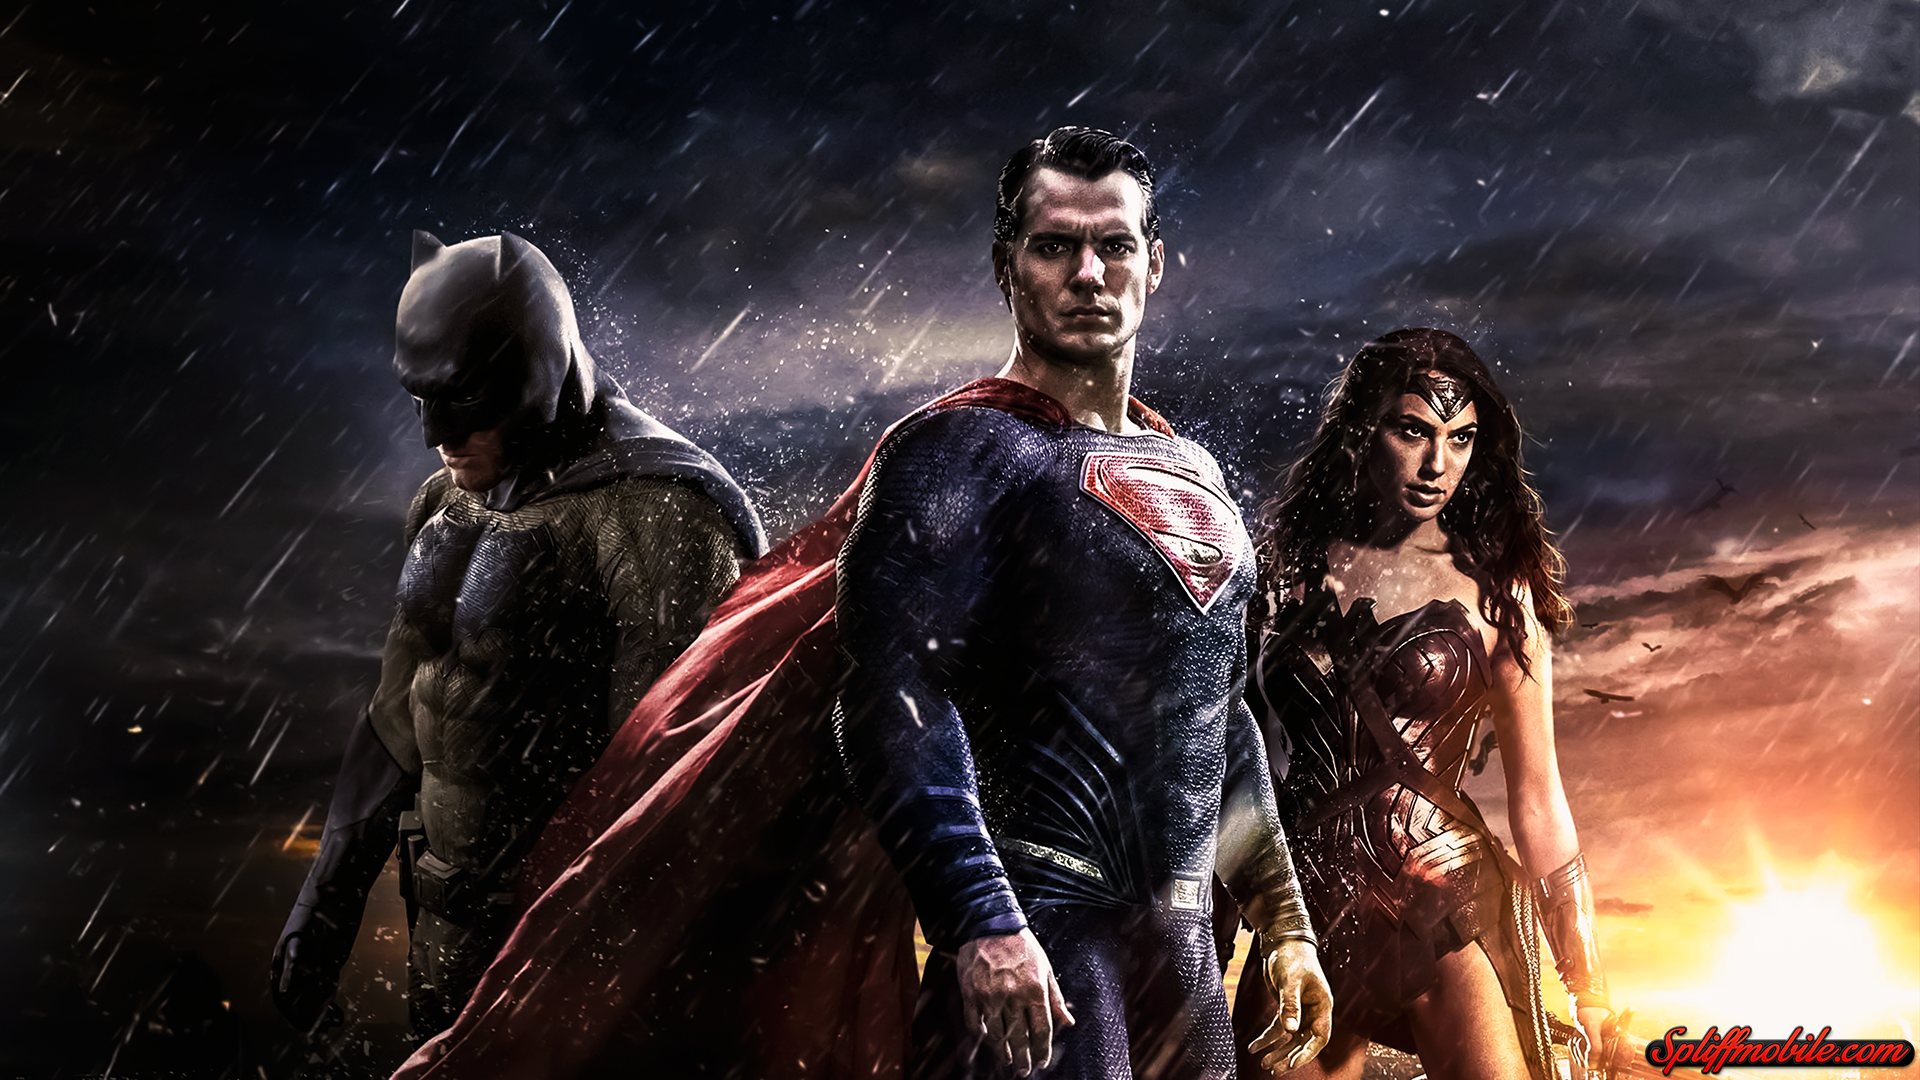 HD Batman vs Superman Wallpaper 1920x1080